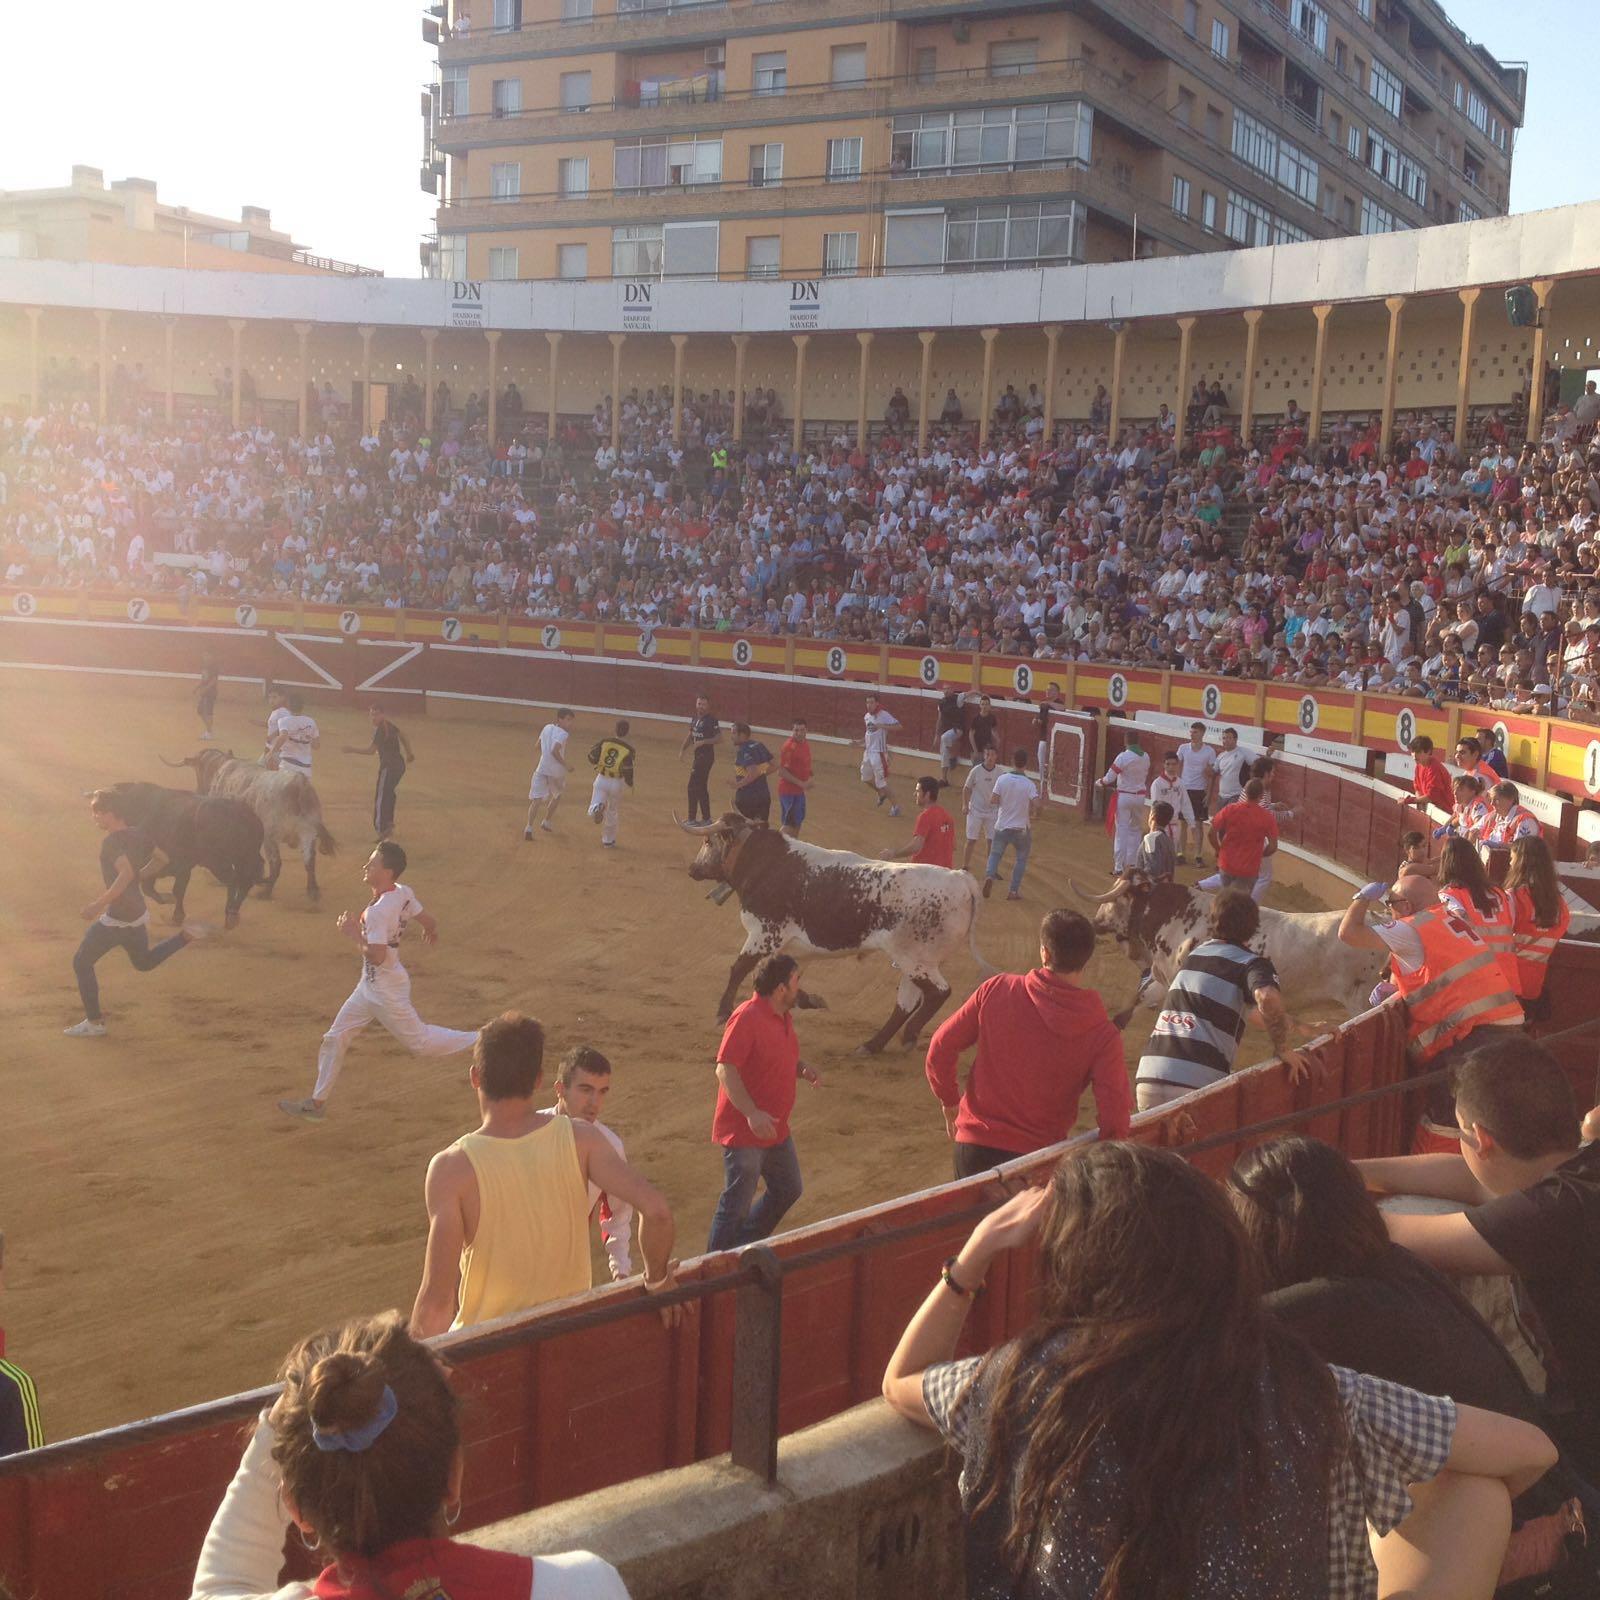 FiestasTudela2016,Encierro 30.07